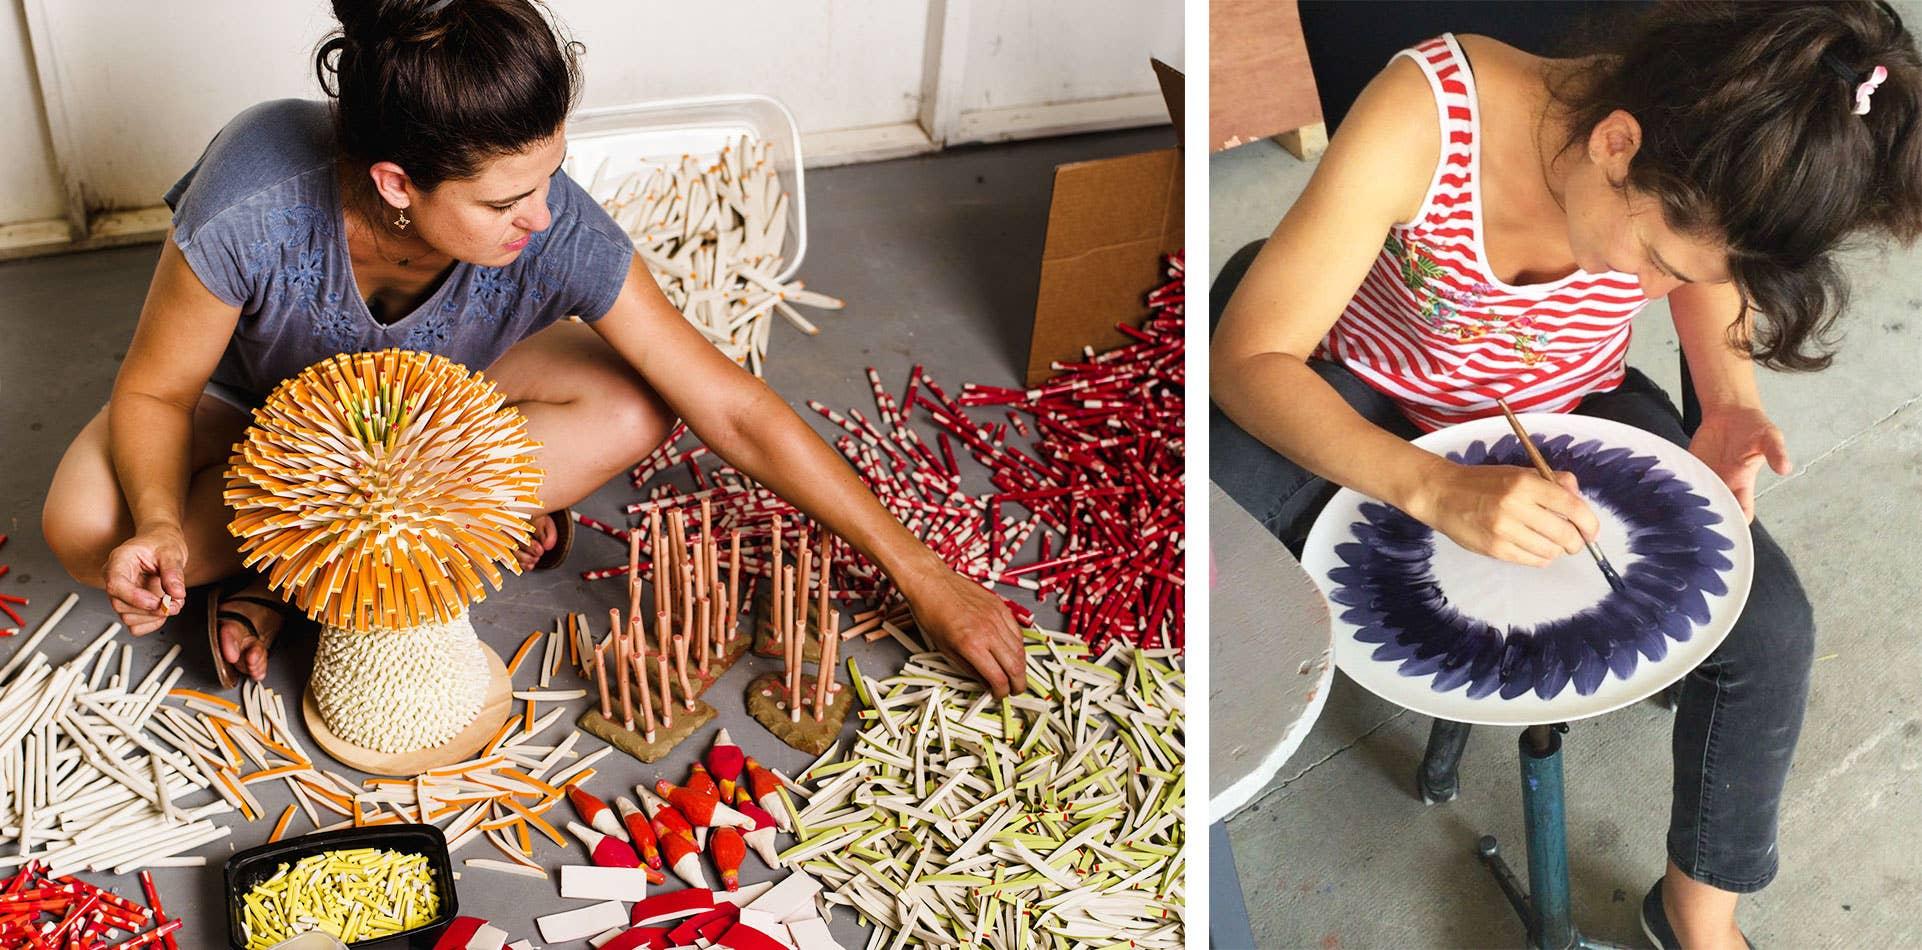 Zemer Peled working in her studio